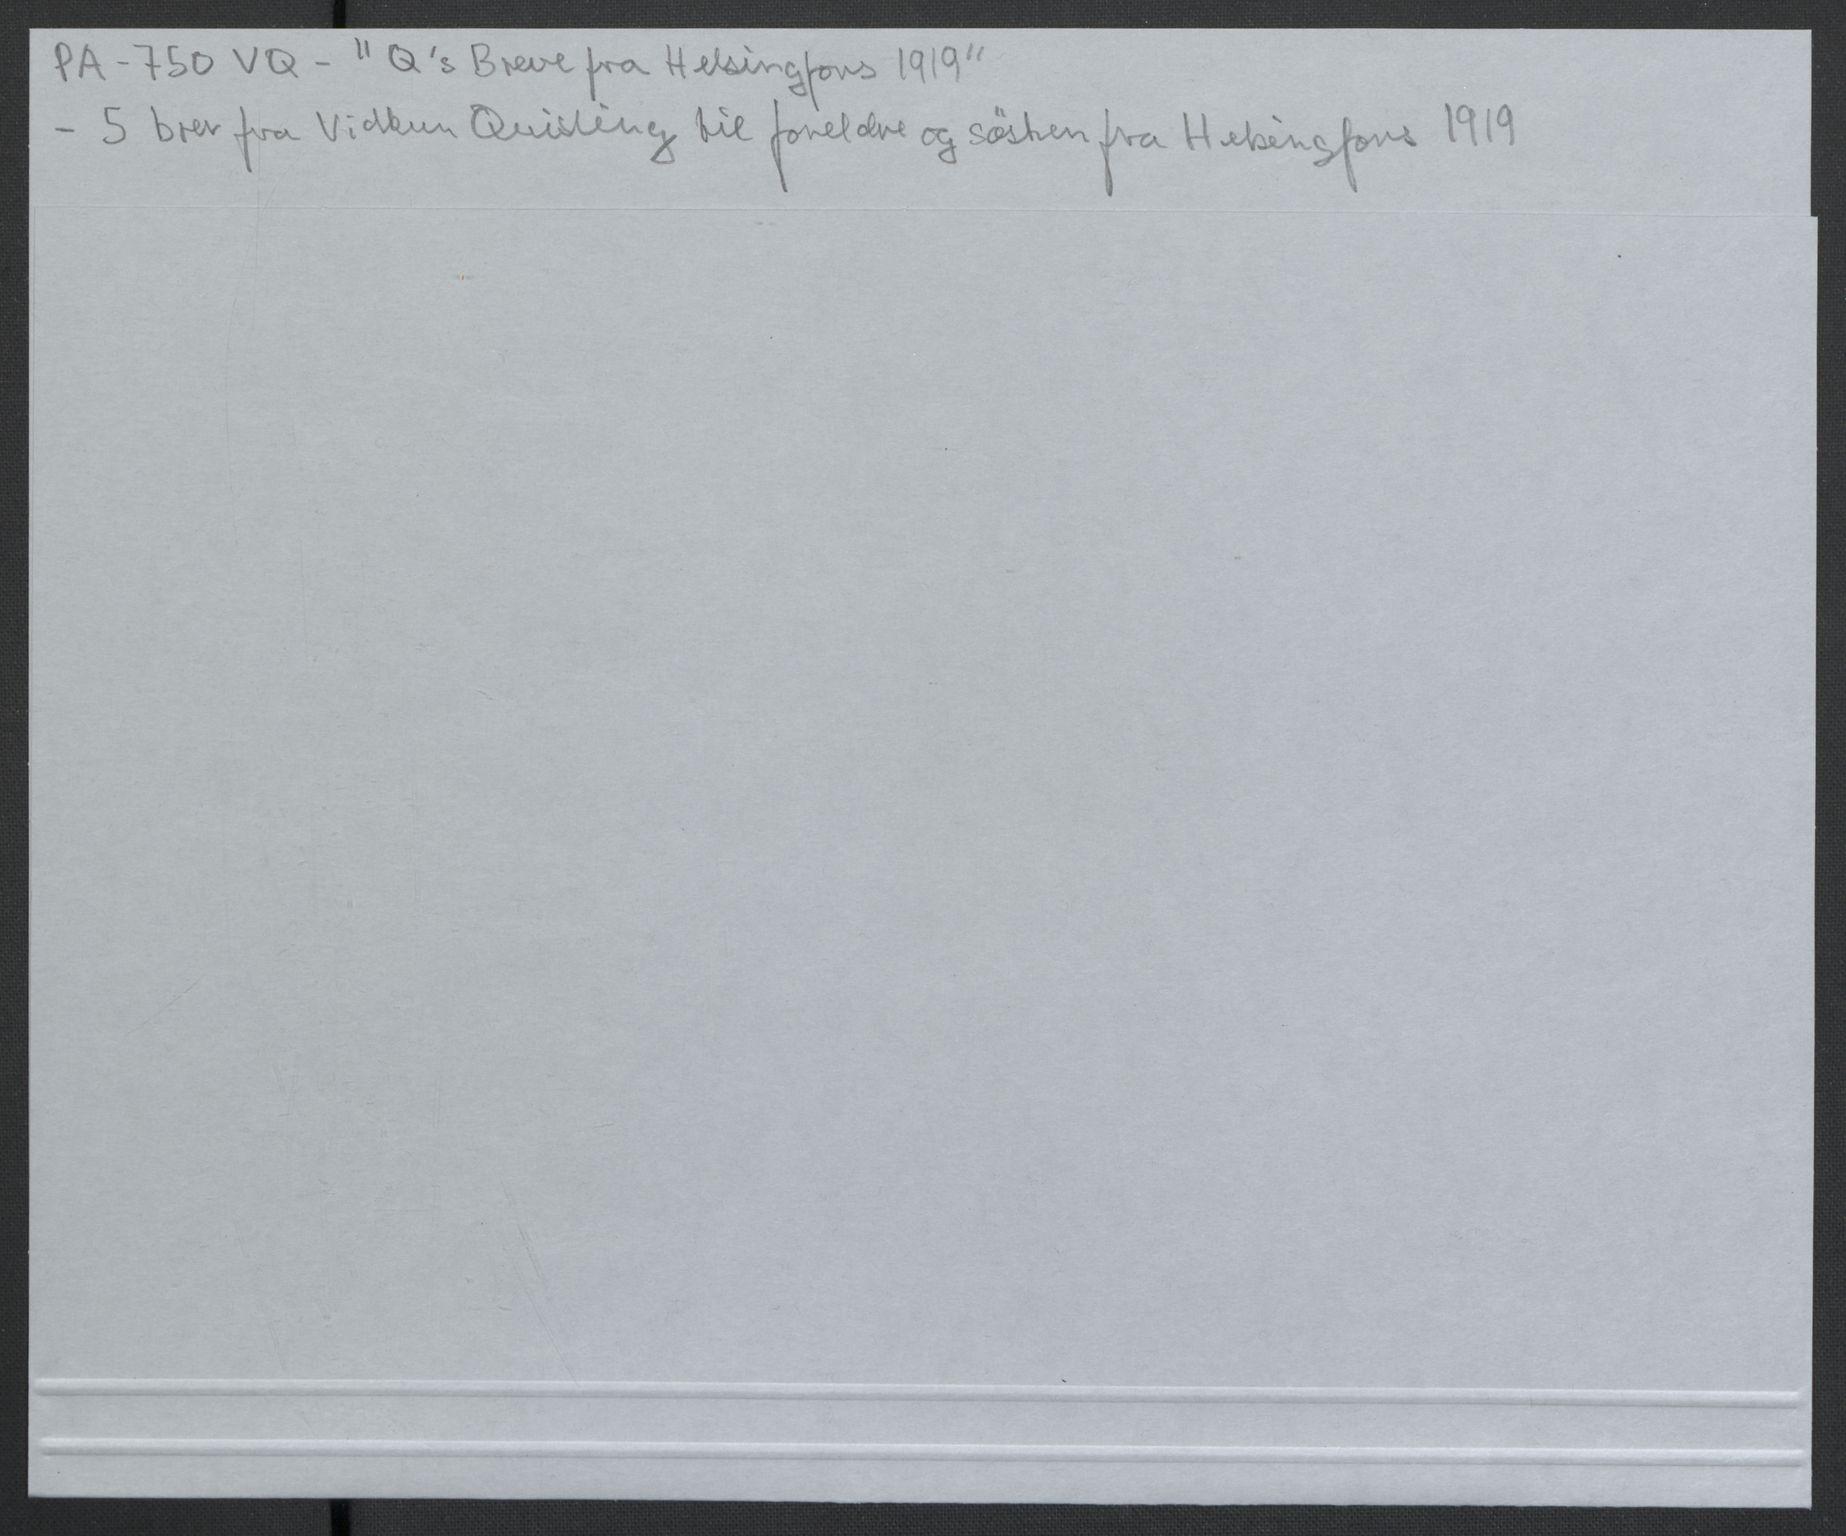 RA, Quisling, Vidkun, K/L0001: Brev til og fra Vidkun Quisling samt til og fra andre medlemmer av familien Quisling + karakterbøker, 1894-1929, s. 137